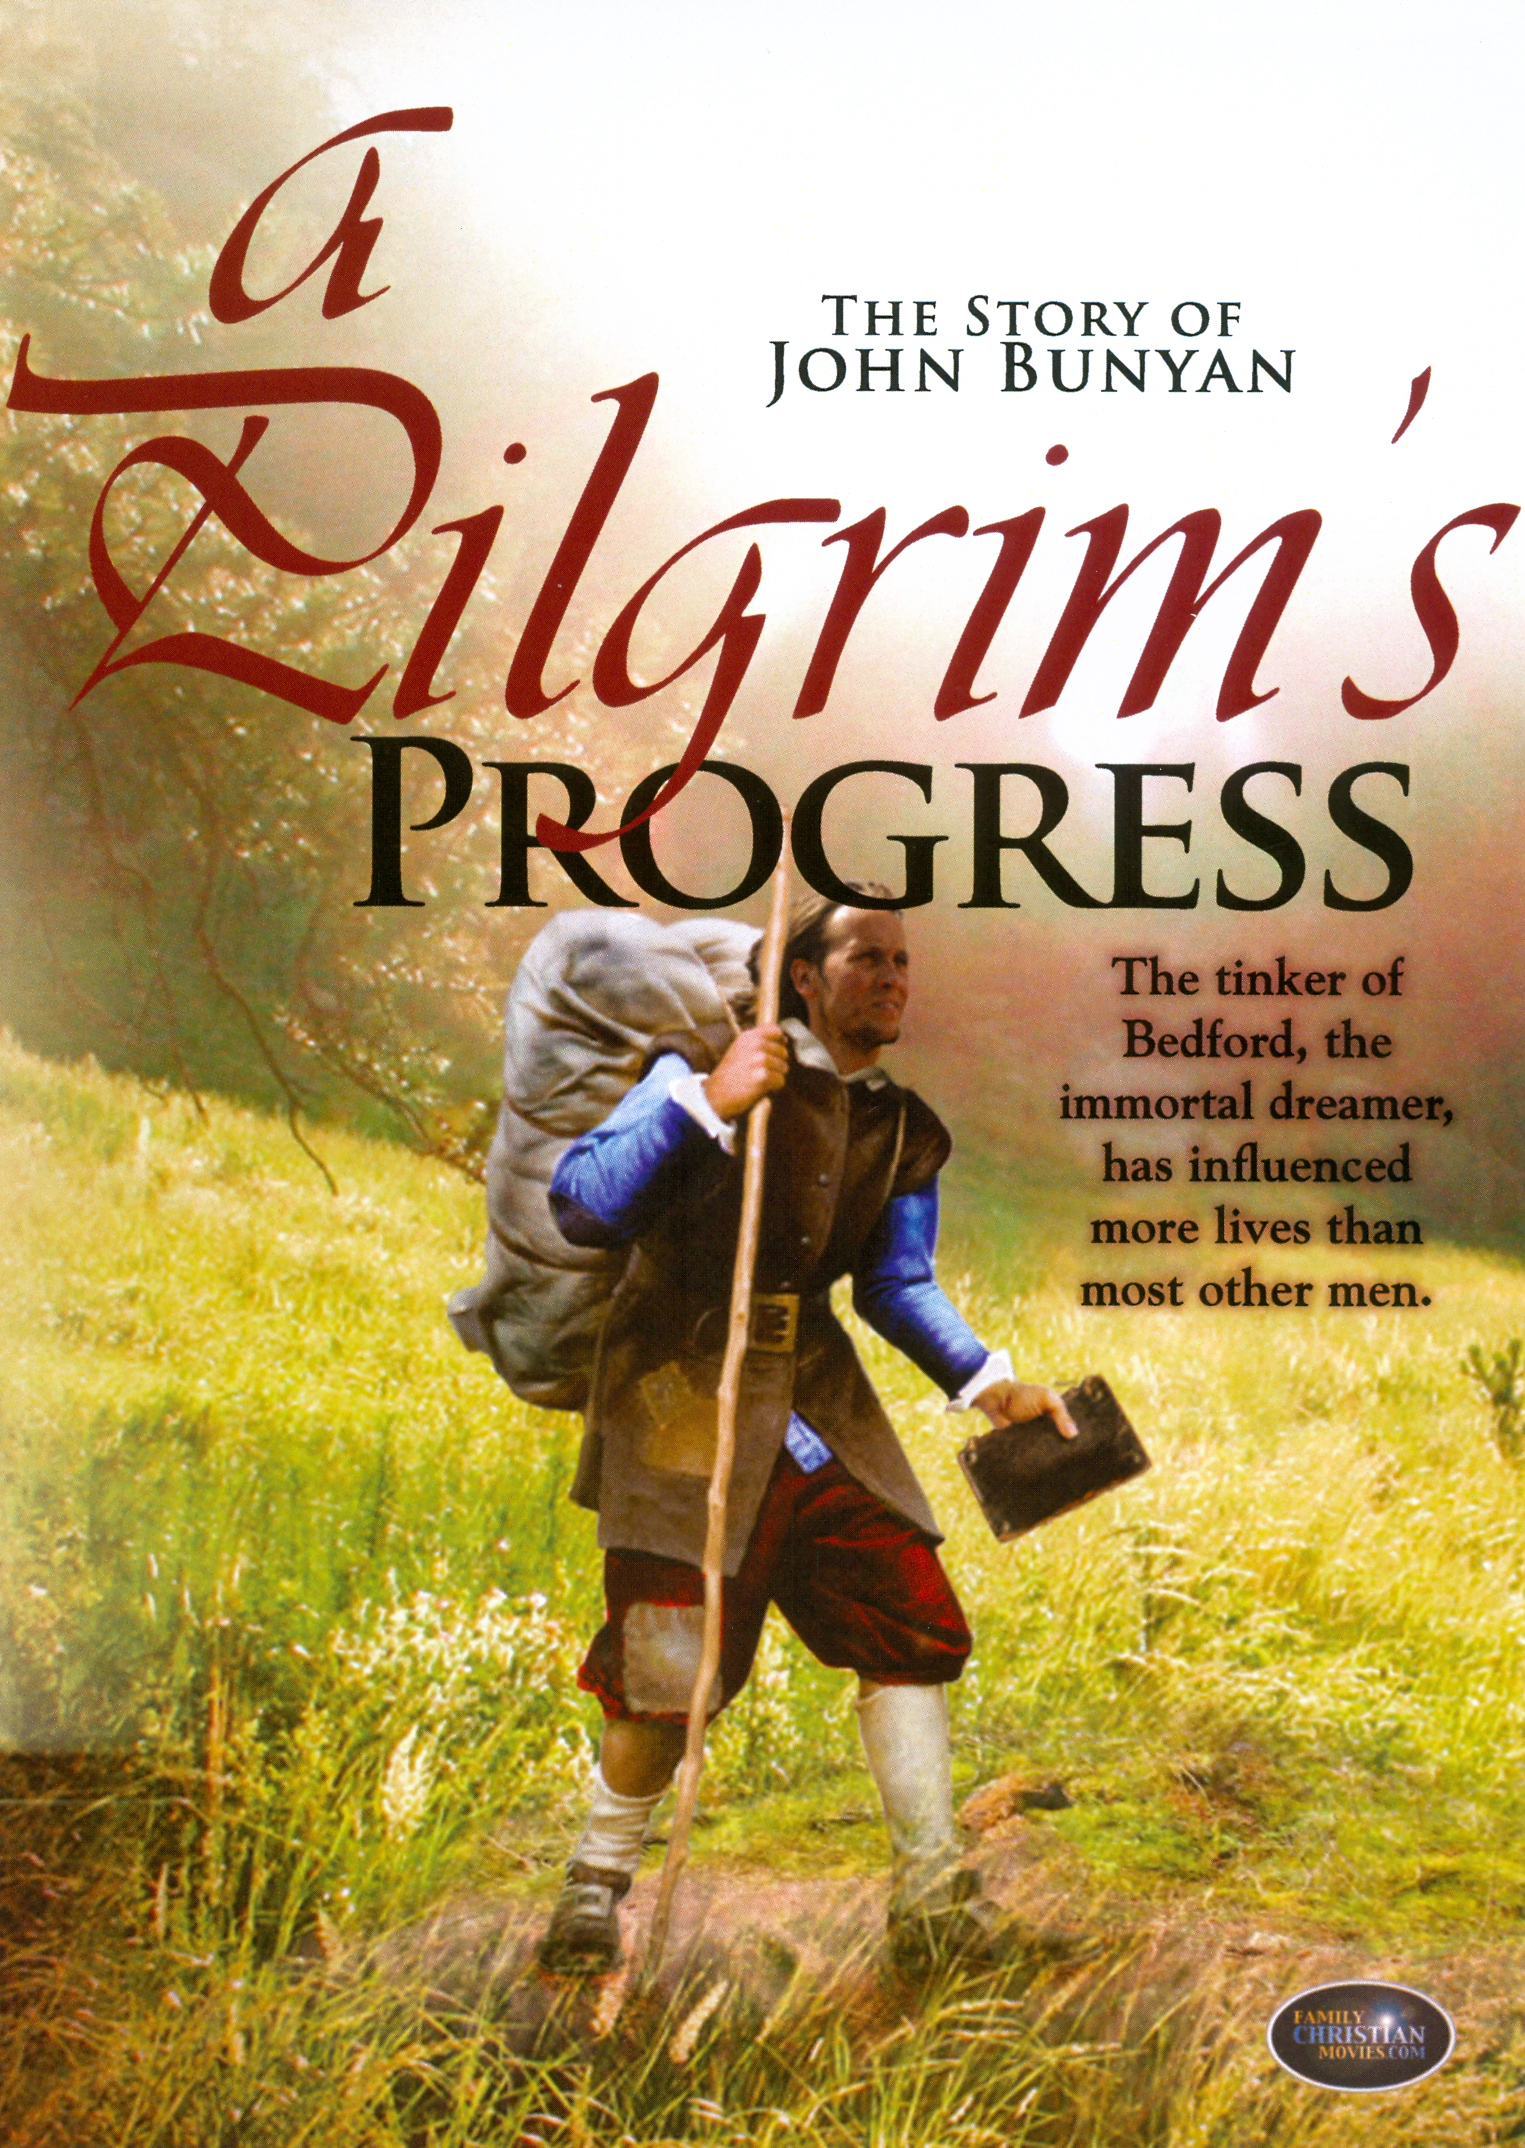 A Pilgrim's Progress: The Story of John Bunyan